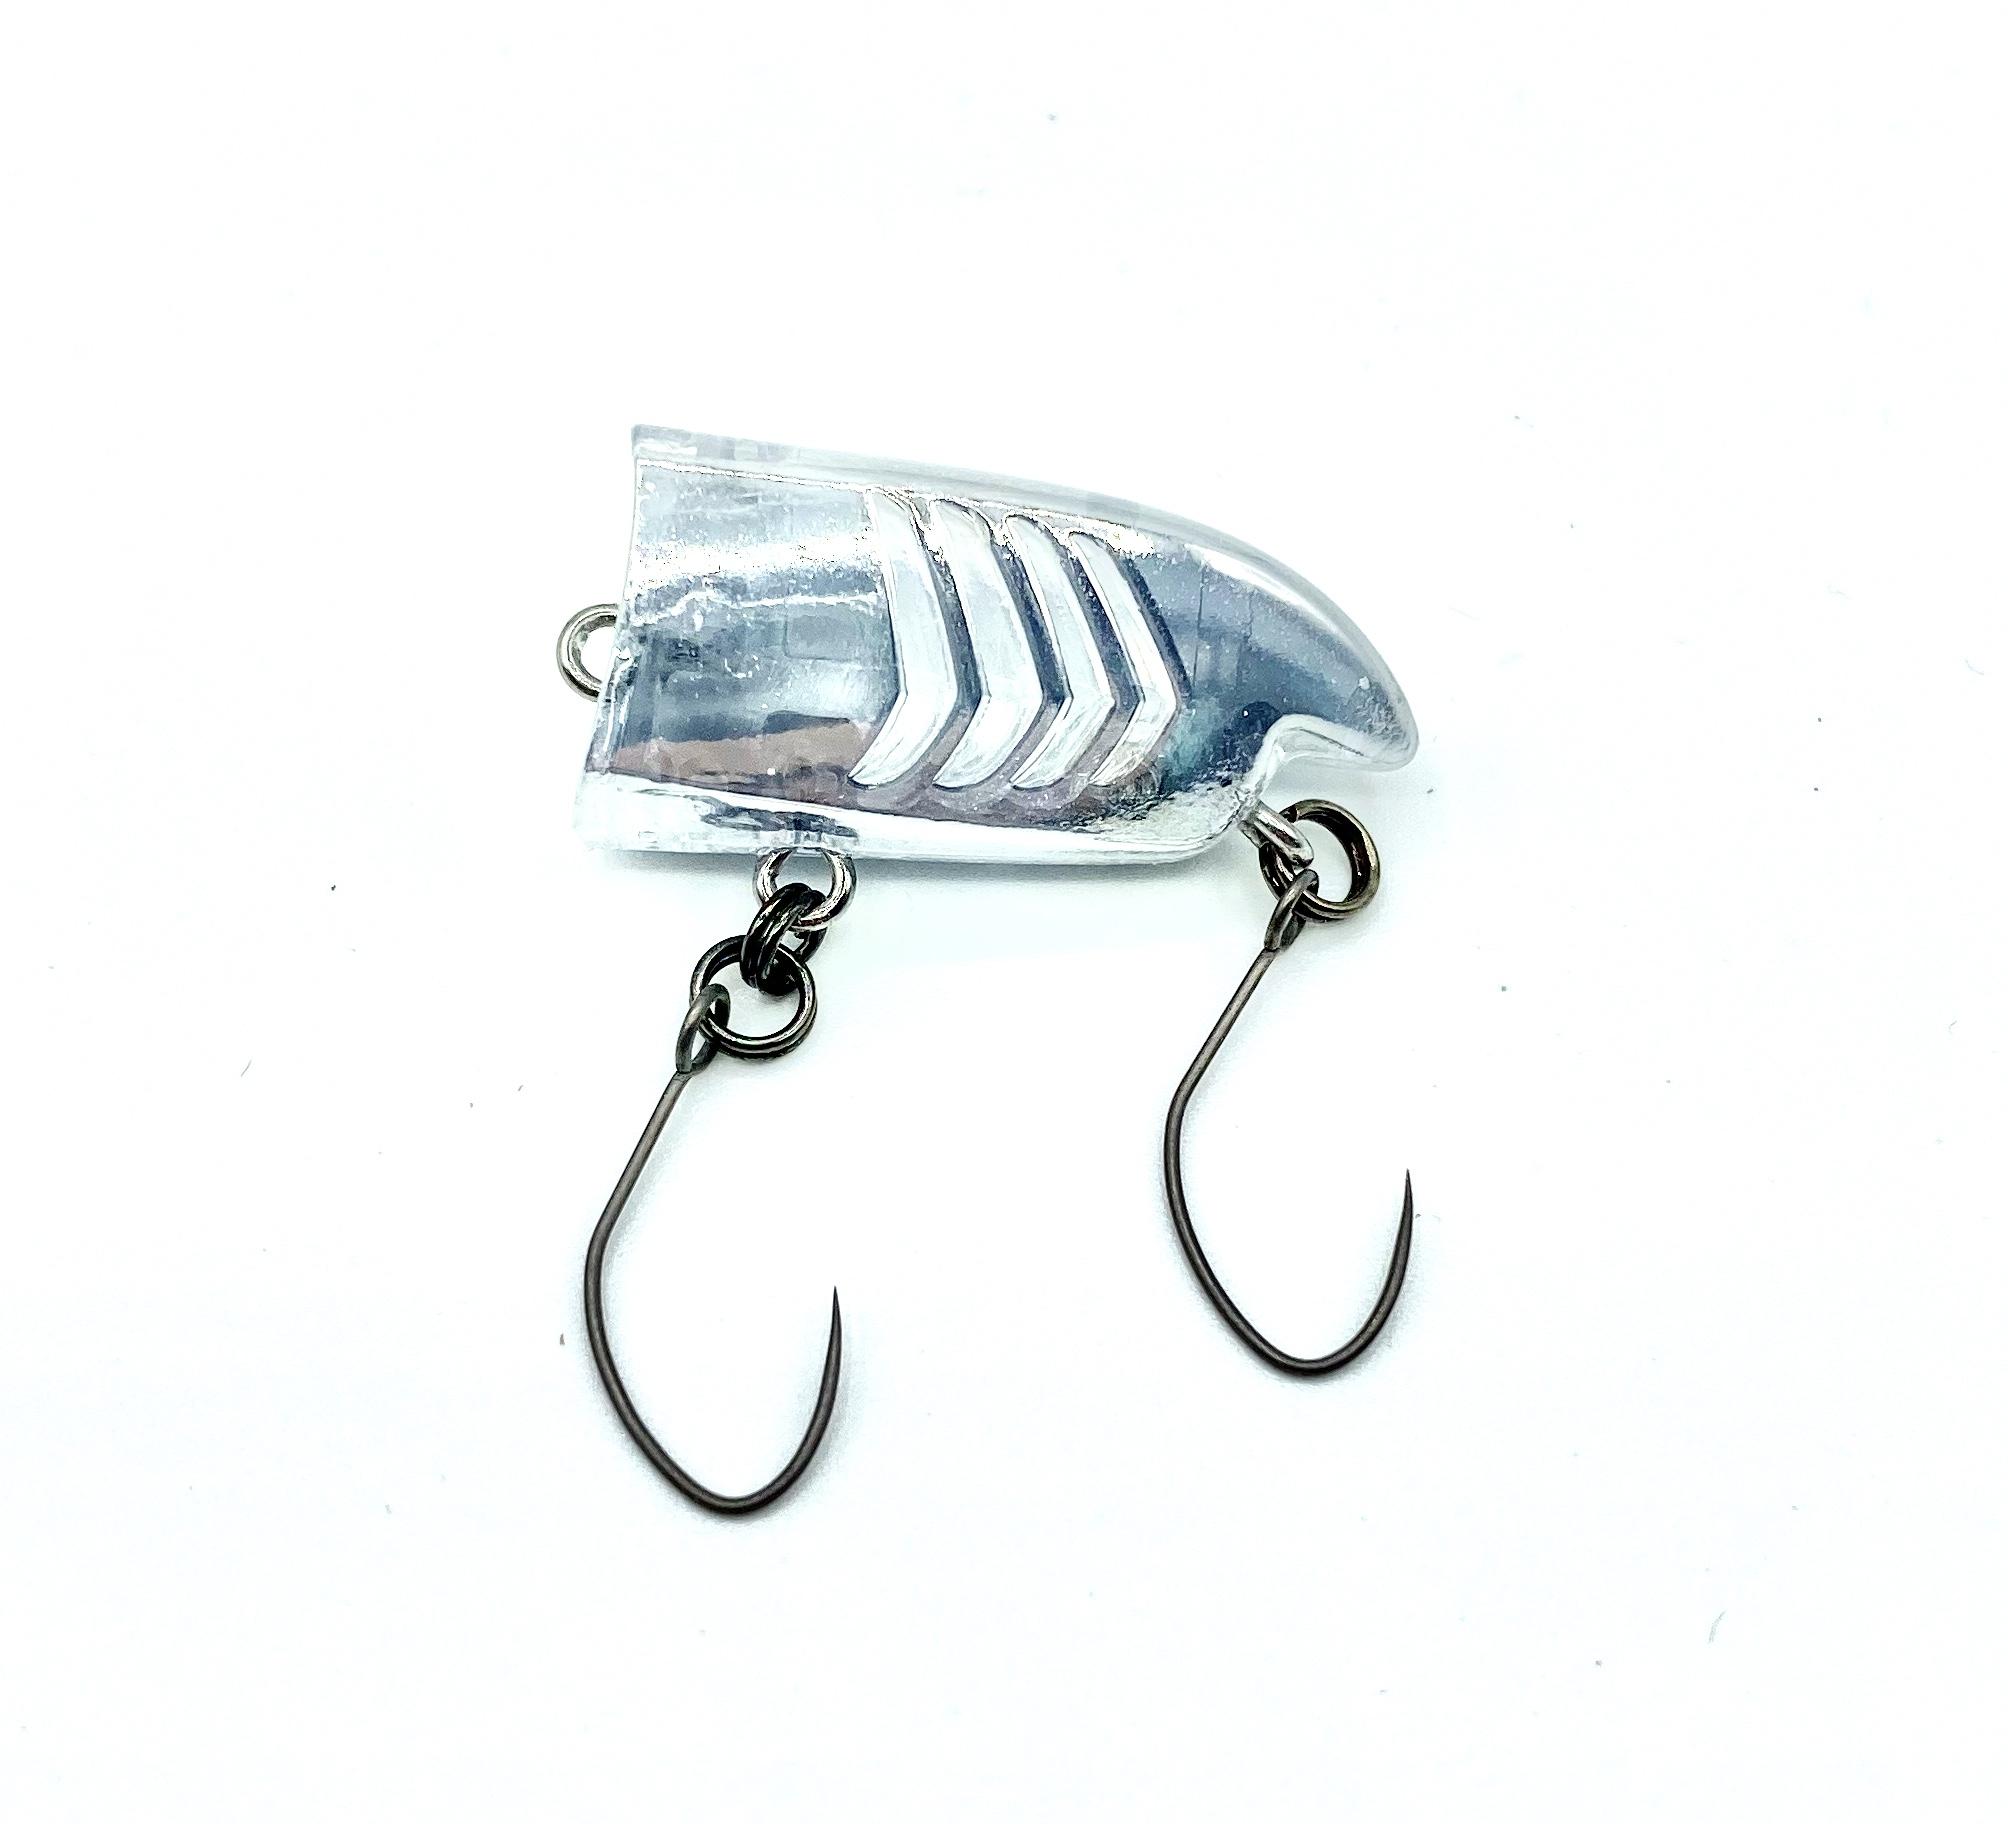 Nories - Spish 25 - 1.4gr